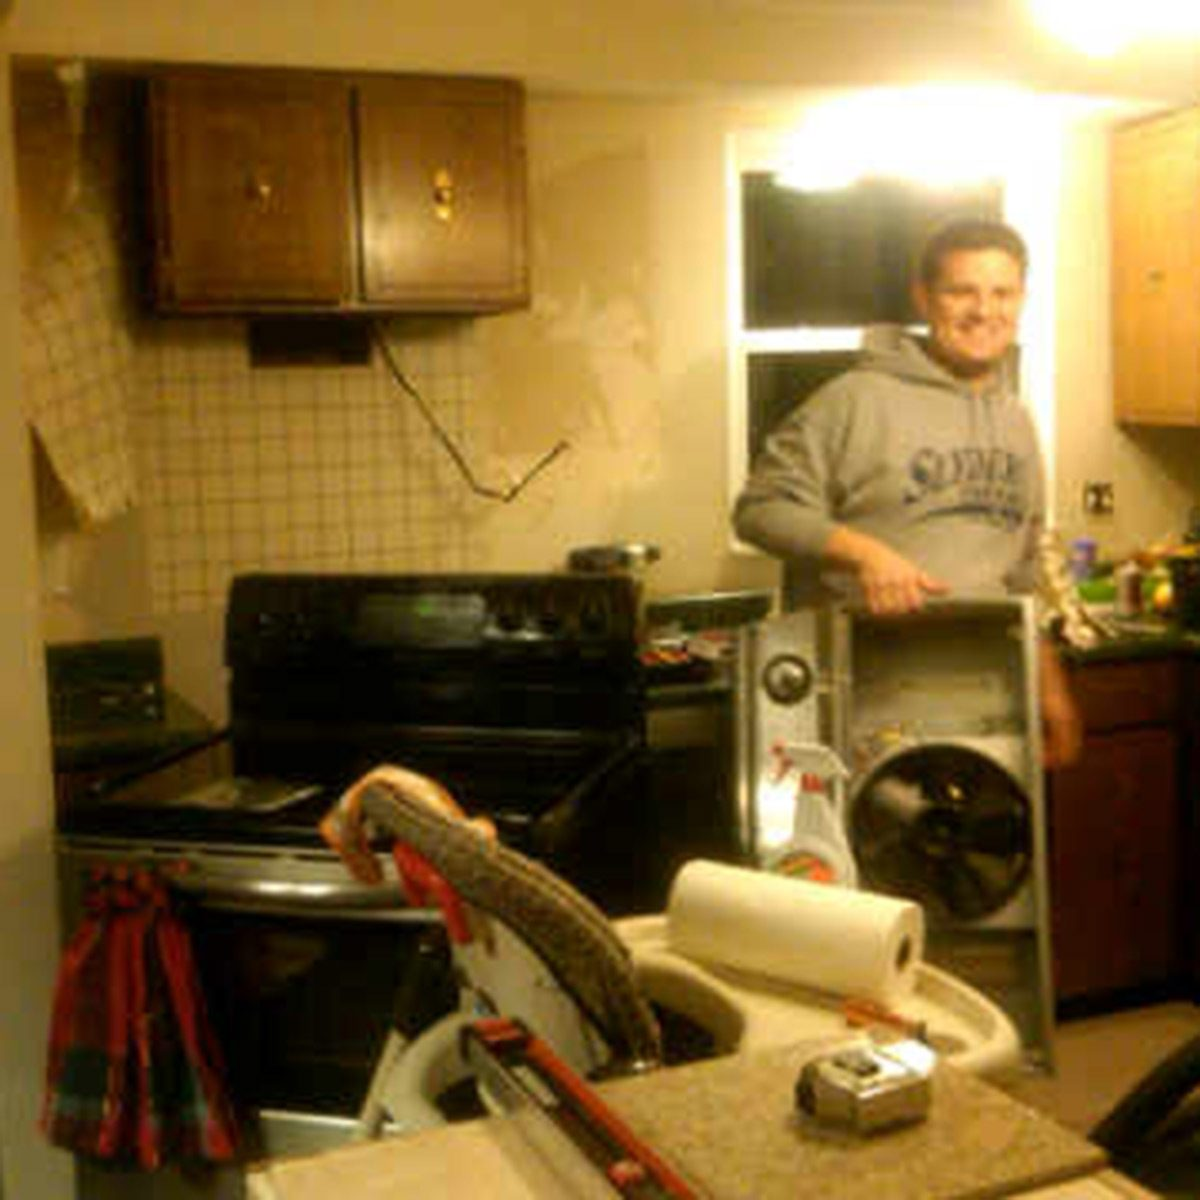 Kitchen Remodel Tear Down